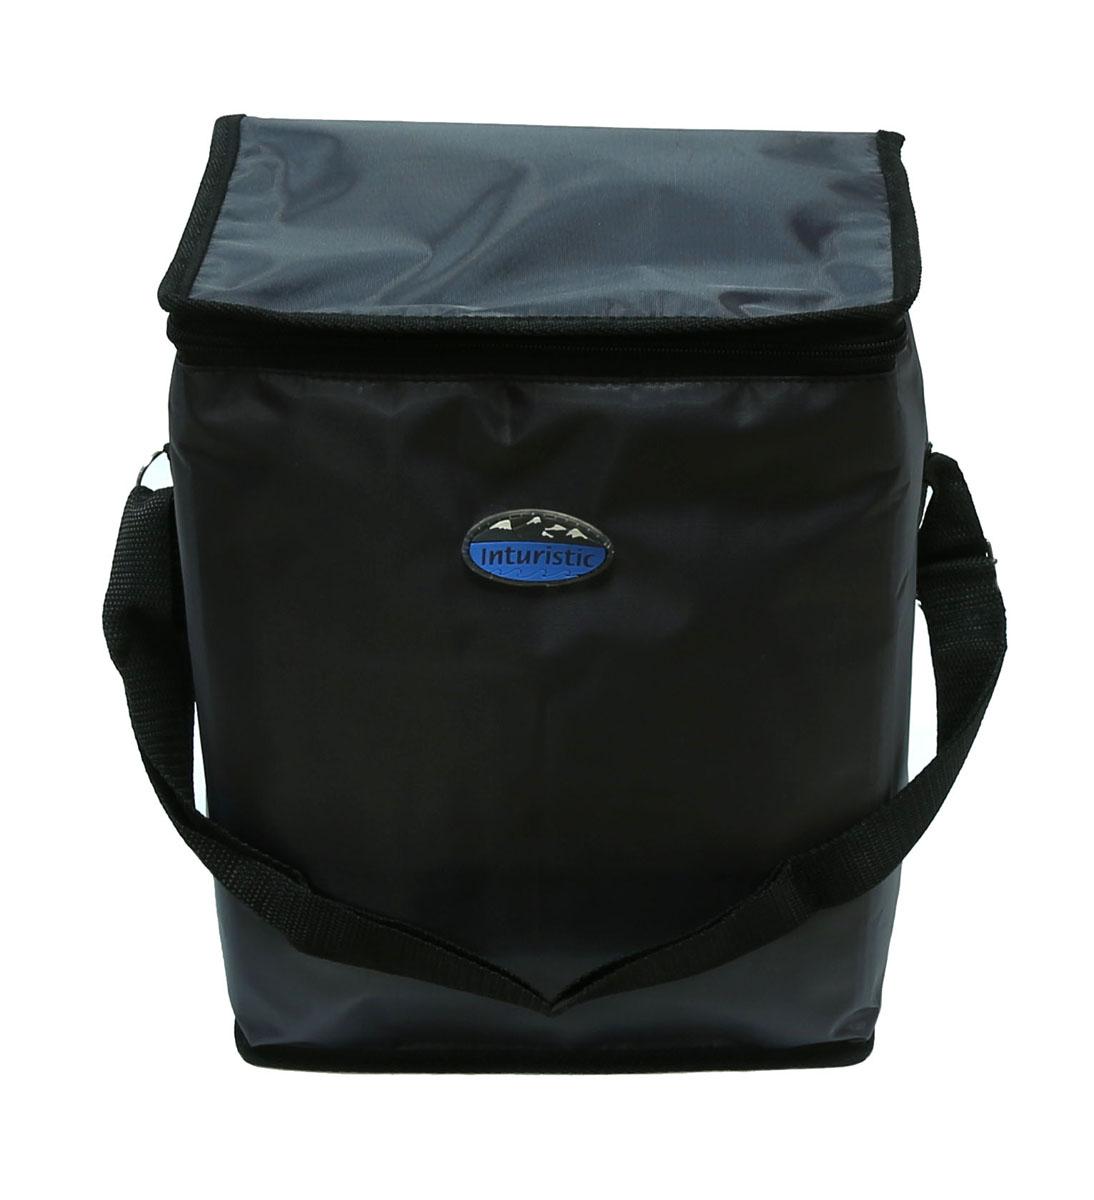 Сумка изотермическая Inturistic, цвет: серый, 17 л128533-1Изотермическая сумка Inturistic поможет сохранить температуру пищи и напитков в течение нескольких часов. Она будет удобна при поездках на дачу, на пикник и дальних путешествиях. Коэффициент теплового отражения не менее 90%. Температурный диапазон от -60°С до 140°С. Вмещает по высоте до 6 ПЭТ бутылок емкостью 1,5 л с прохладительными напитками. Наибольший эффект достигается при использовании аккумуляторов холода. Имеется карман для аккумулятора холода. Карман можно использовать для переноски необходимых мелочей. Сумка удобна для переноски контейнеров с едой и ланч боксов.Материал: Oxford ПВХ, тепло/гидроизоляционный материал, термостойкая изоляция.Объем сумки: 17 л.Размер сумки: 26 х 20 х 32 см.